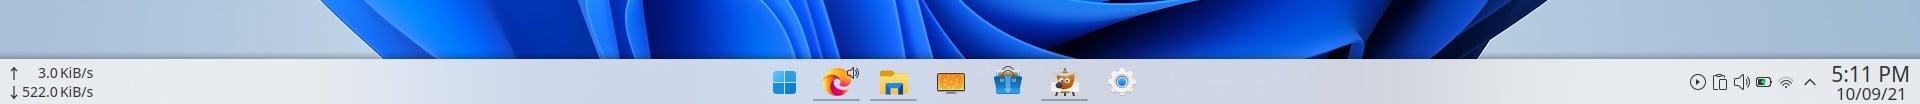 KDE Windows 11 Taskbar layout